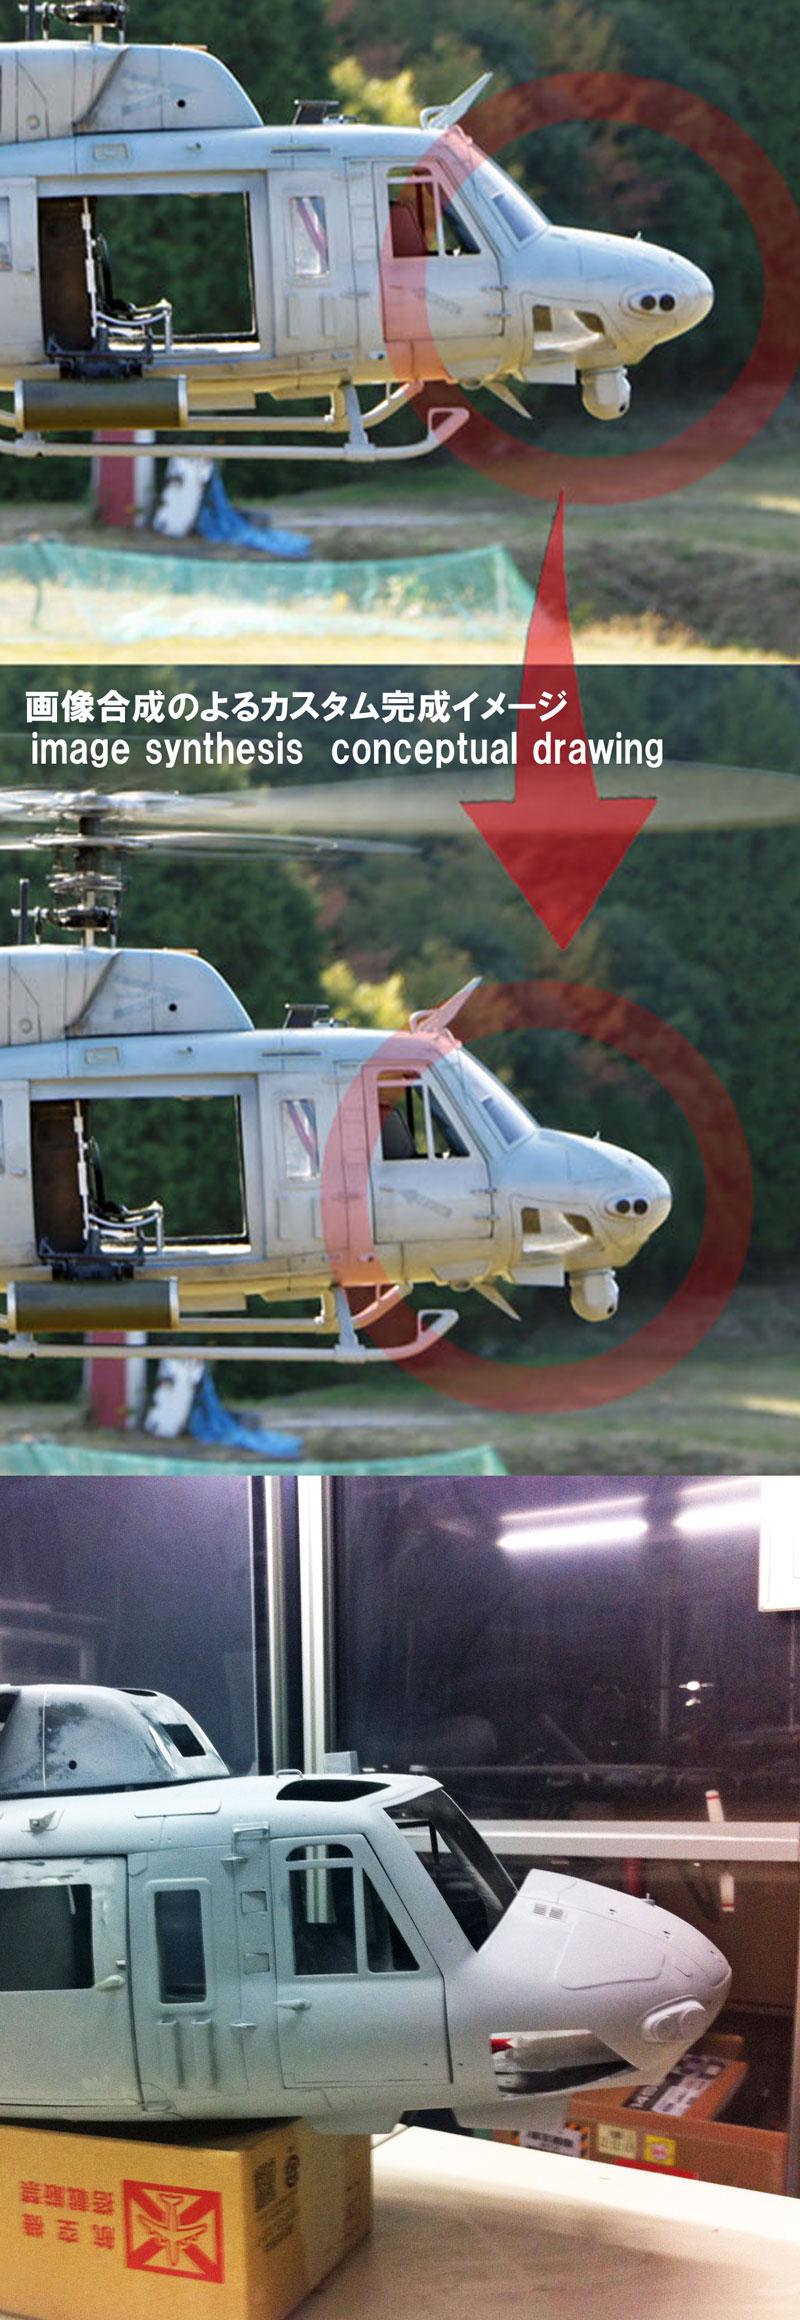 UH-1N予想図比較